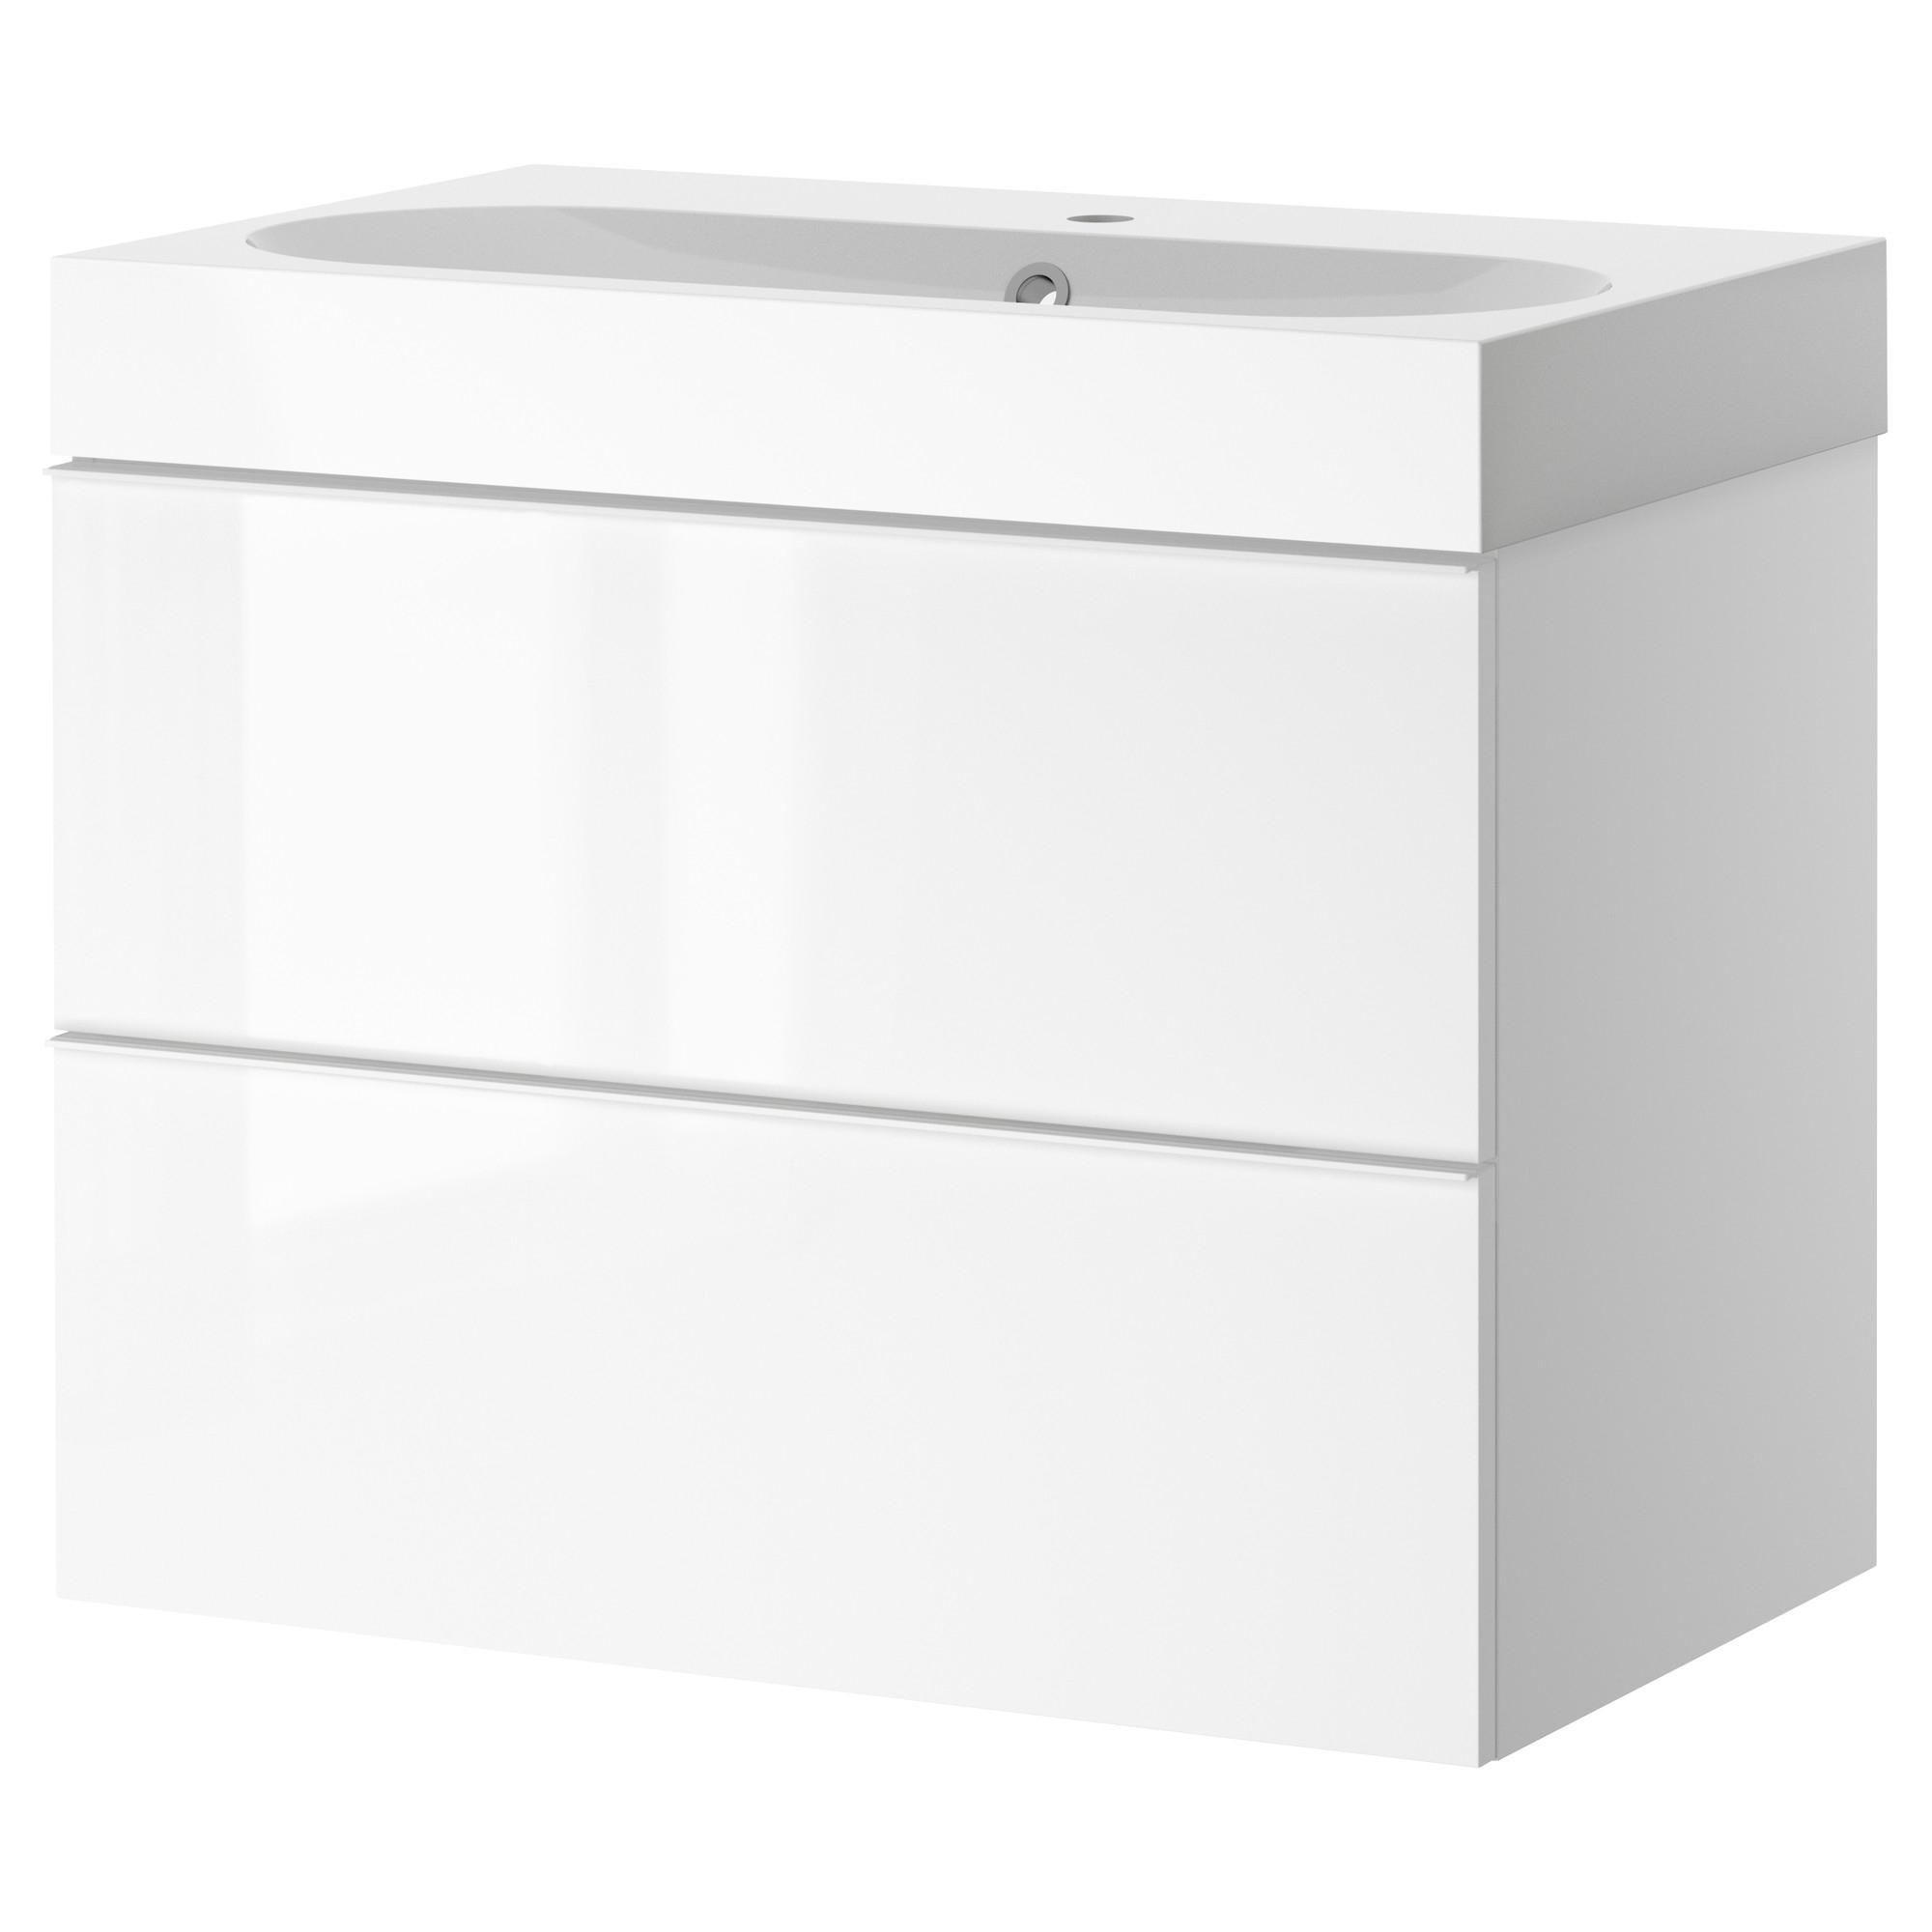 Godmorgon braviken armario lavabo 2 cajones 60cm - Armario lavabo ikea ...